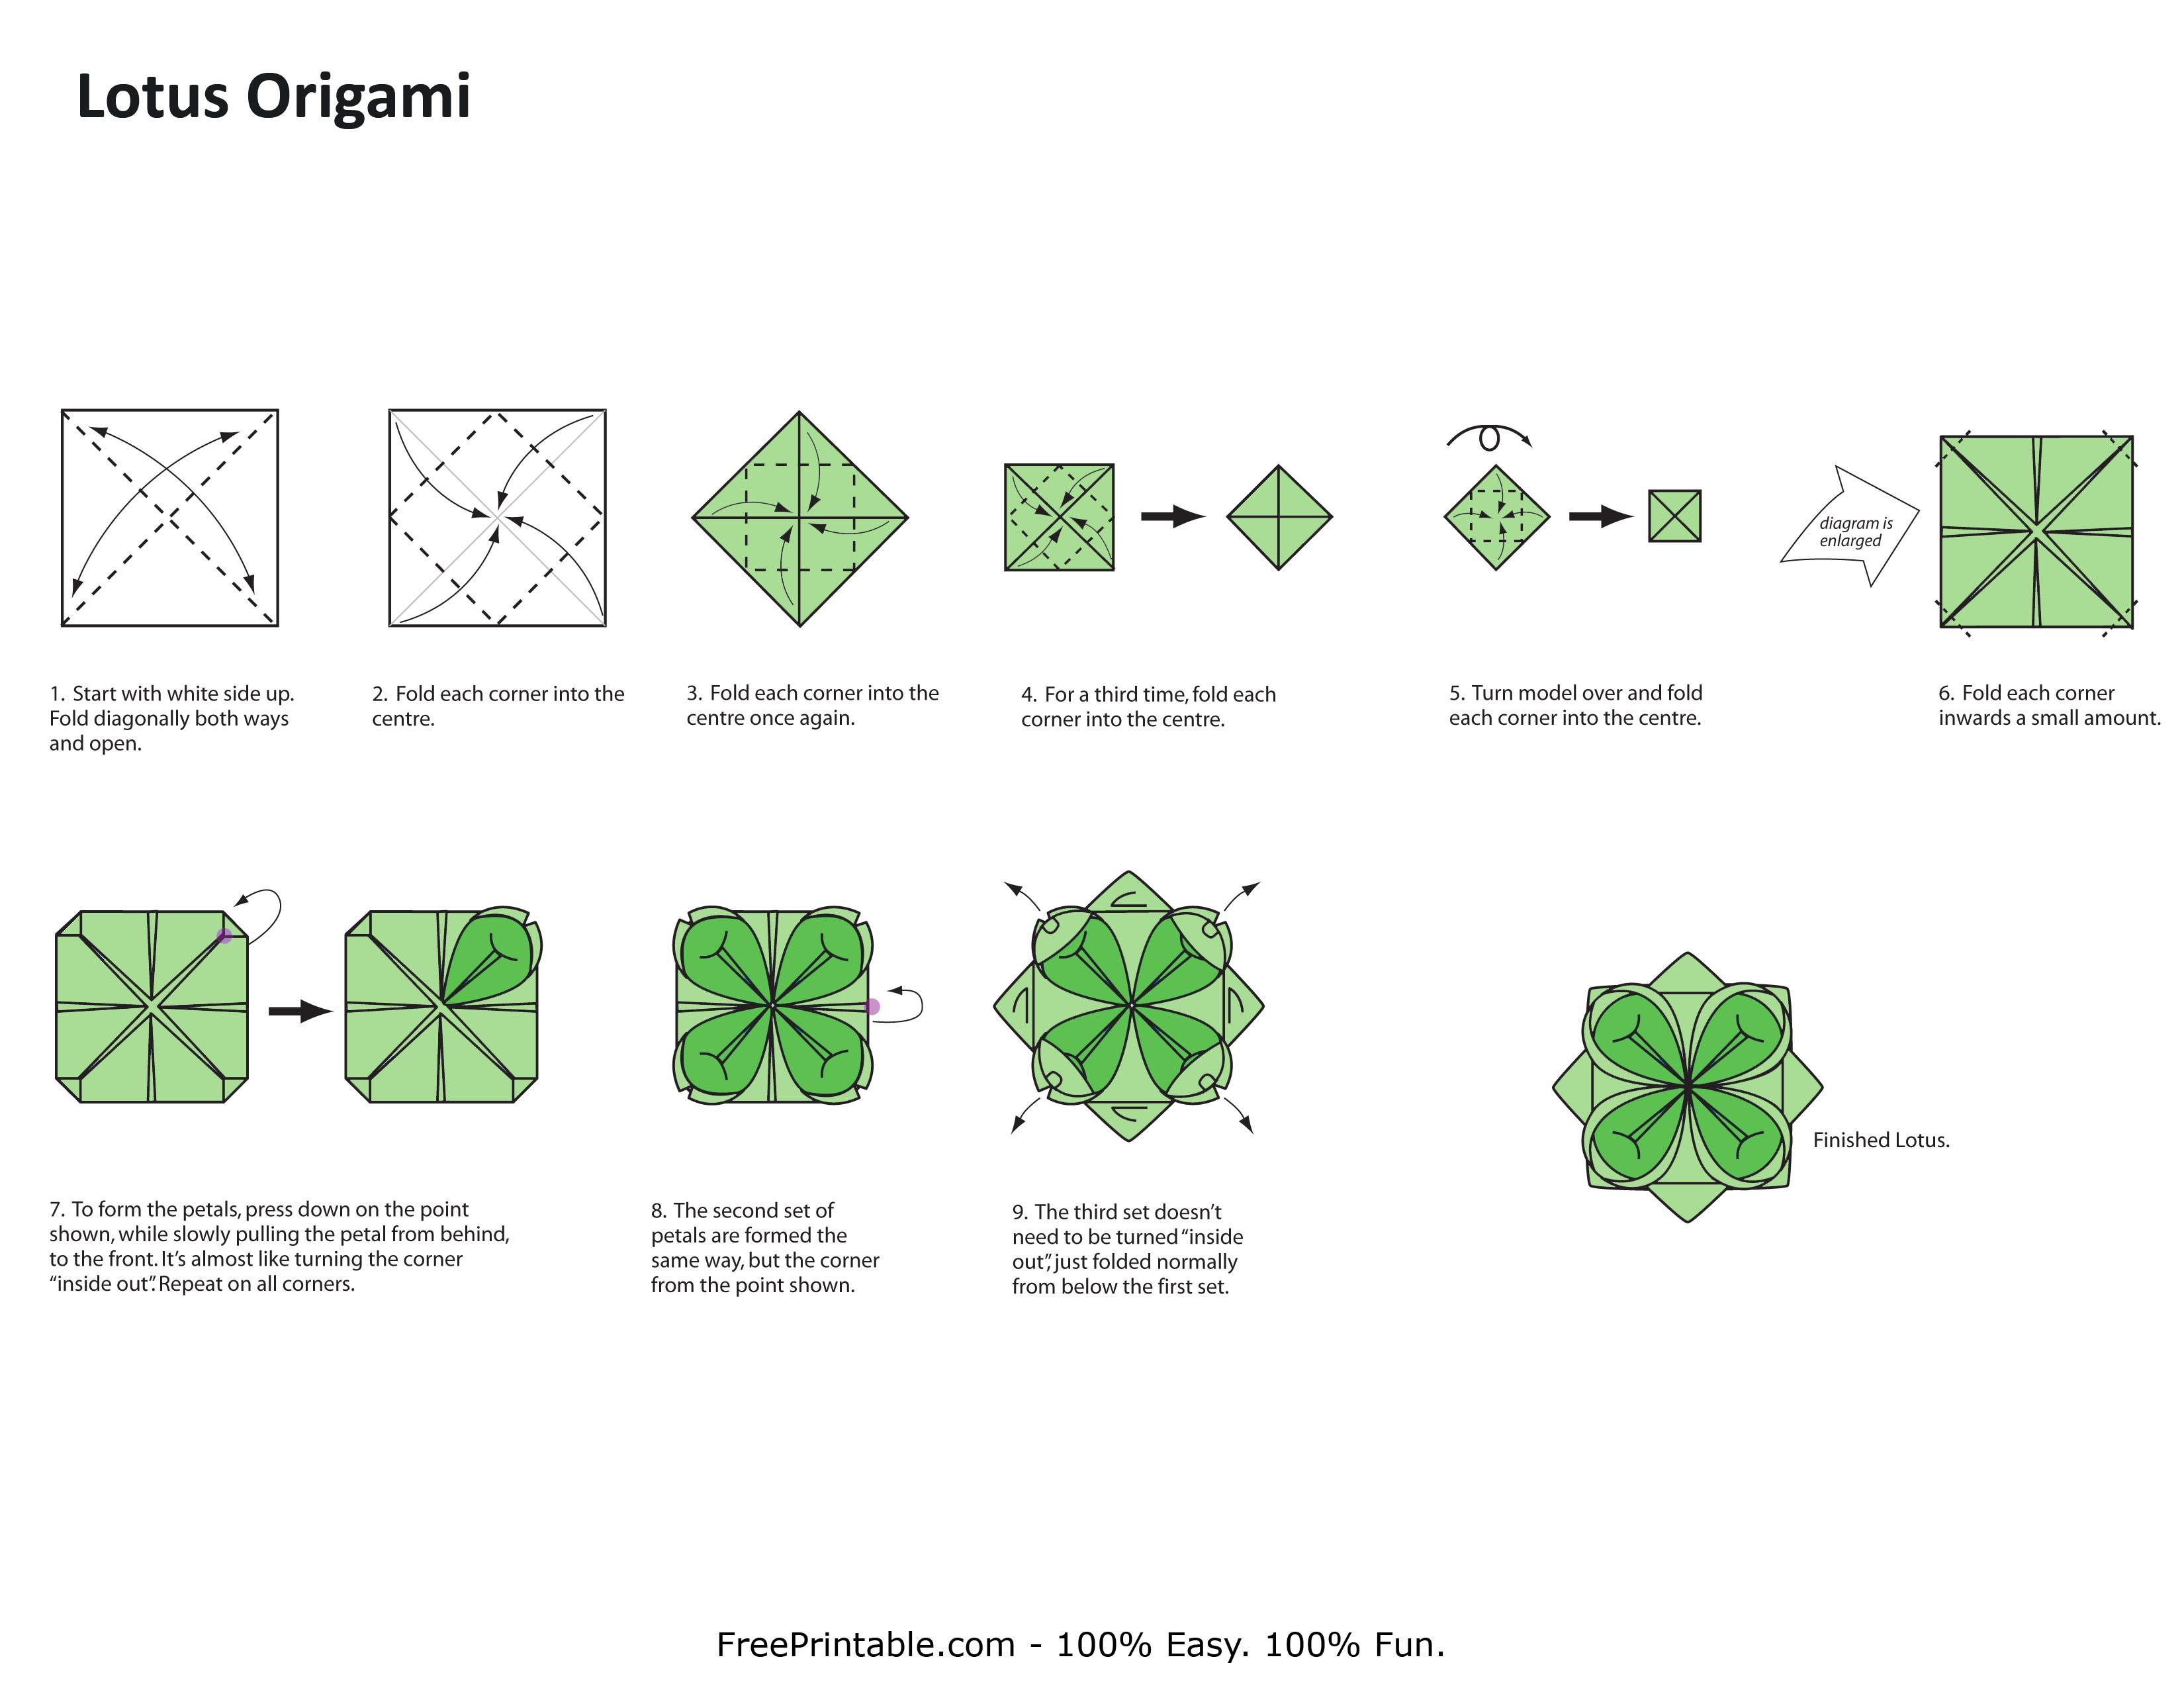 lotus origami step by step